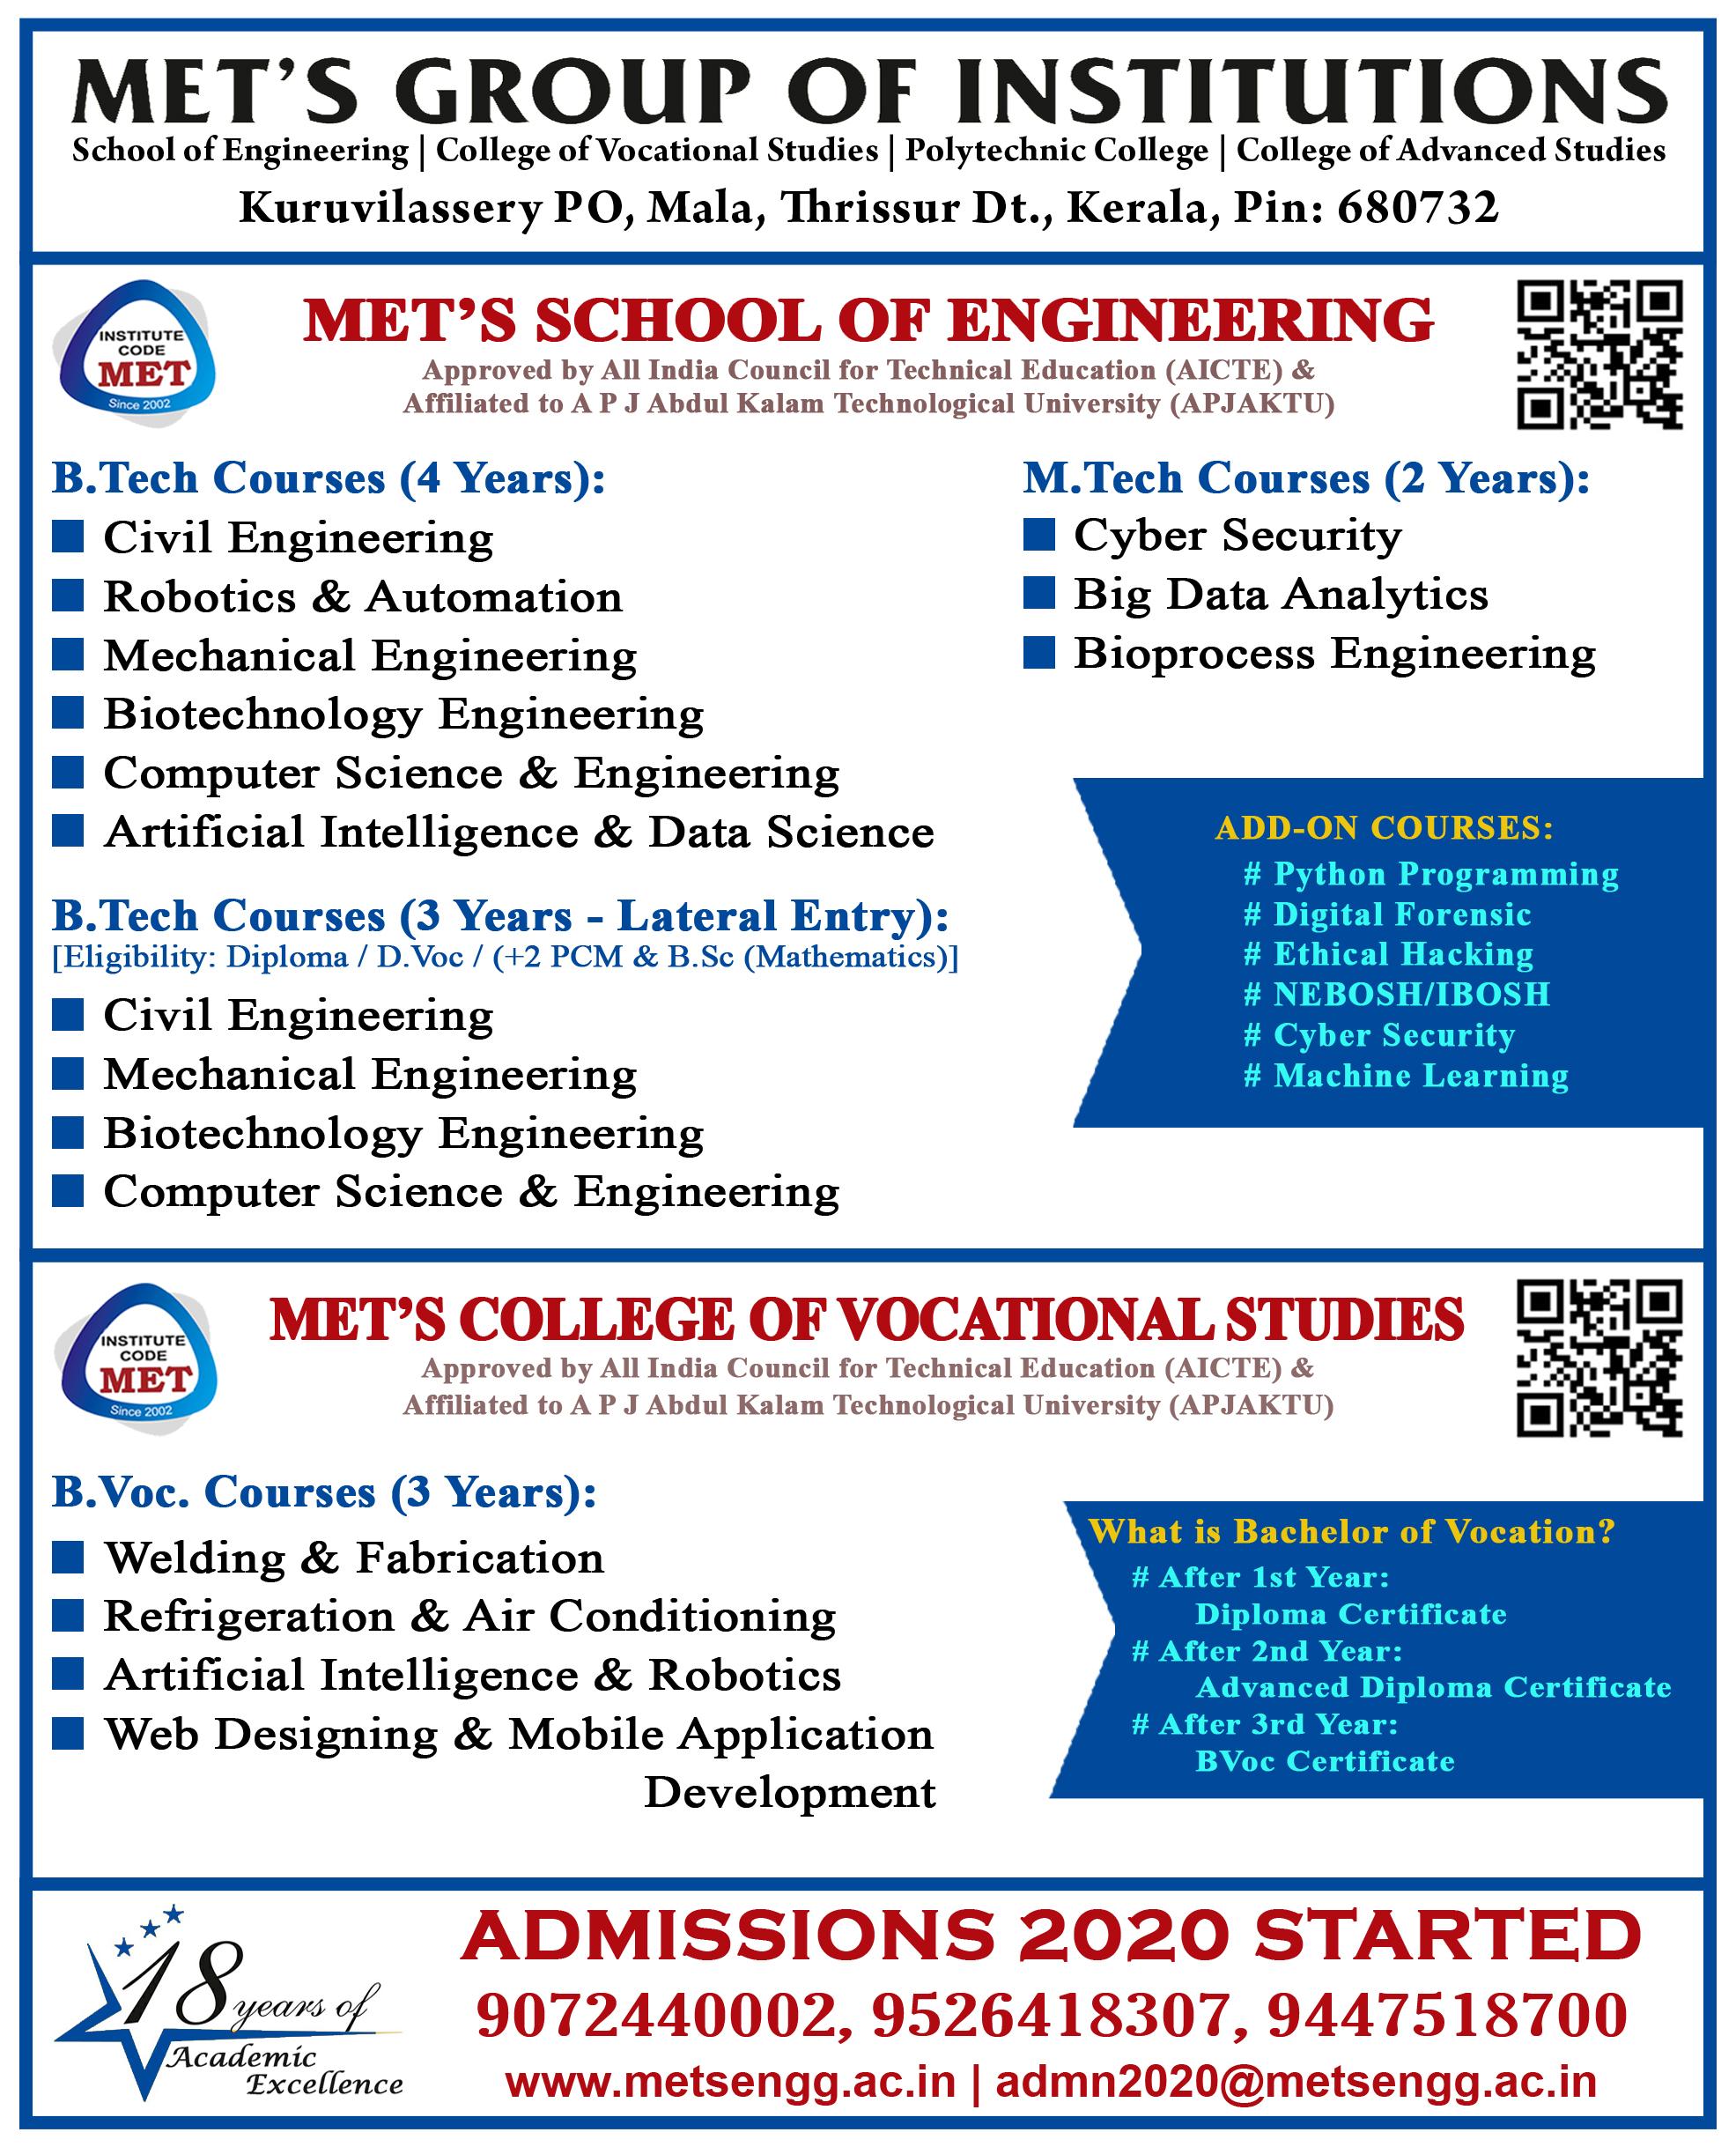 Mets School Of Engineering Best Engineering Colleges Thrissur